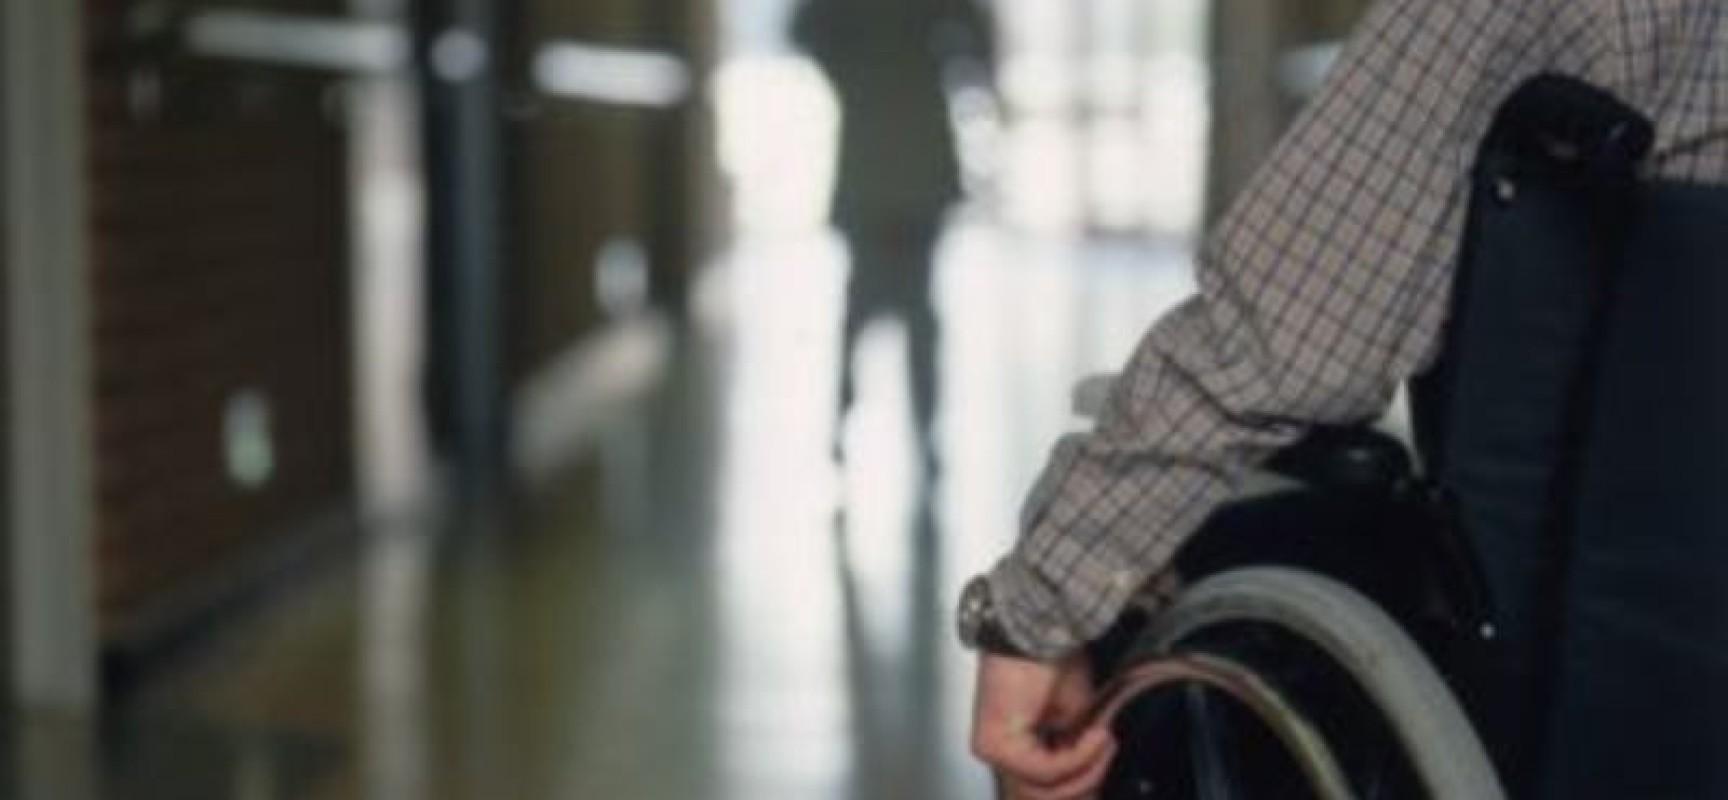 Какой датой уволить сотрудника больничный которого завершился установлением инвалидности